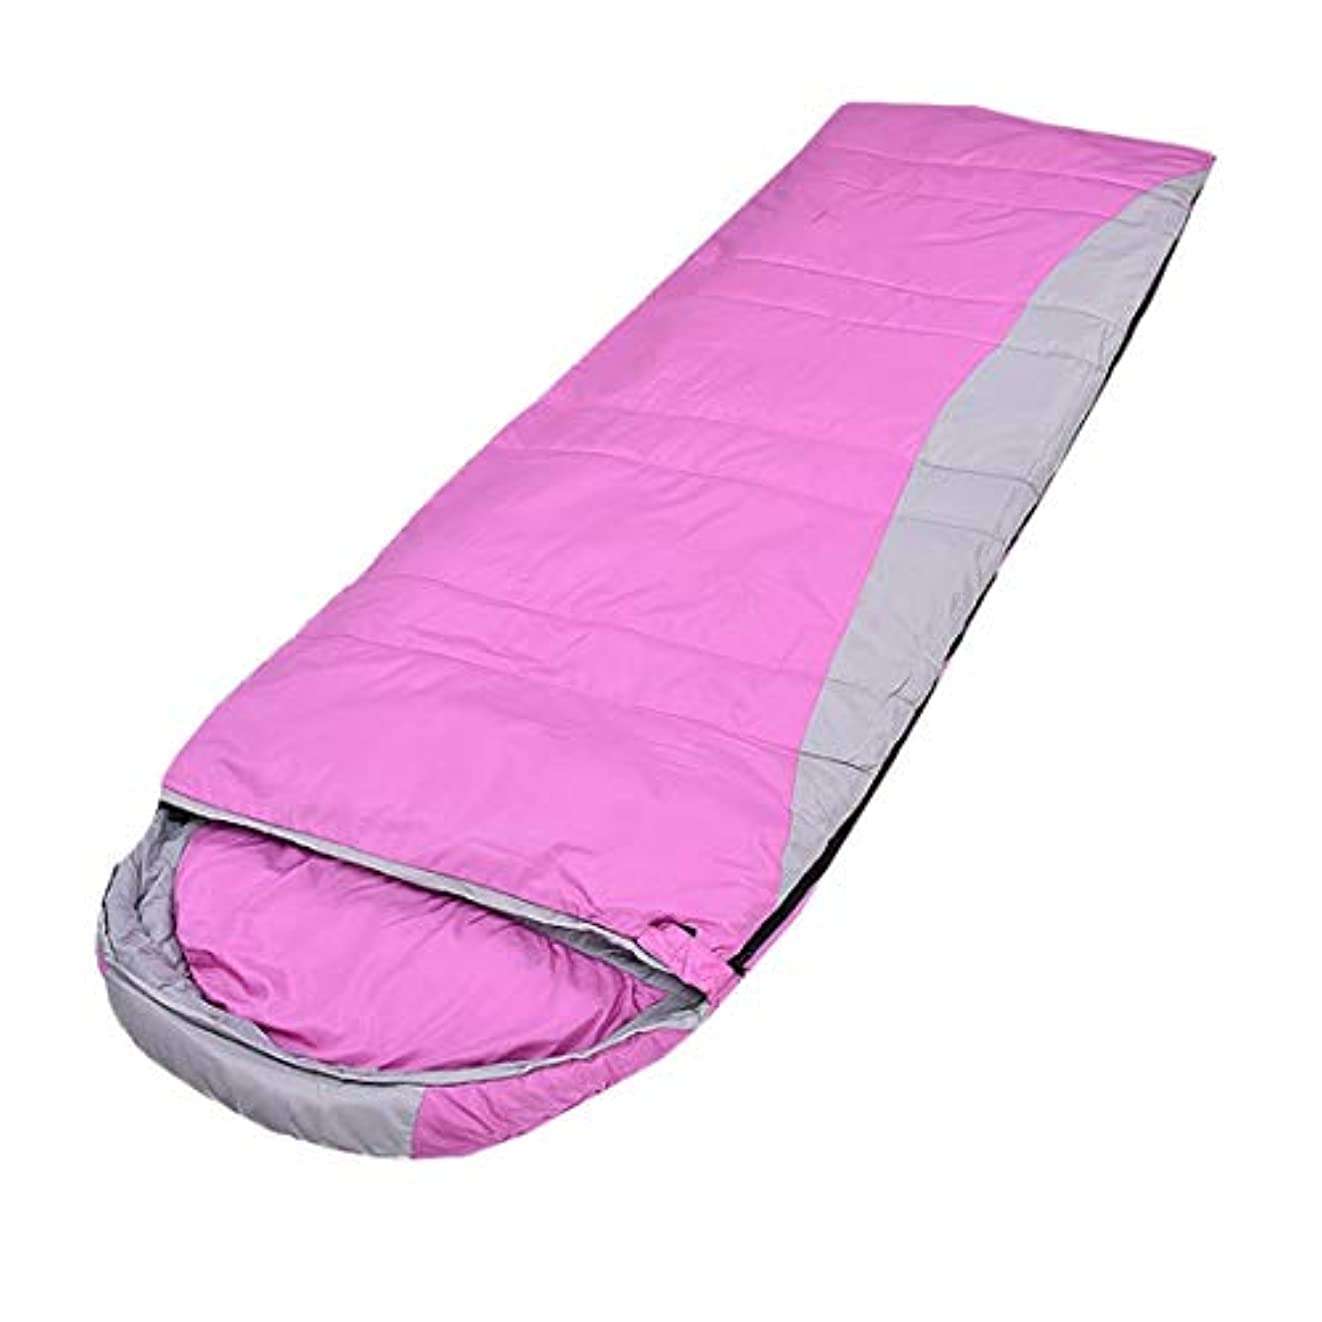 解体するピーブ適度なKoloeplf 四季大人肥厚暖かい昼休み超軽量キャンプアウトドア寝袋